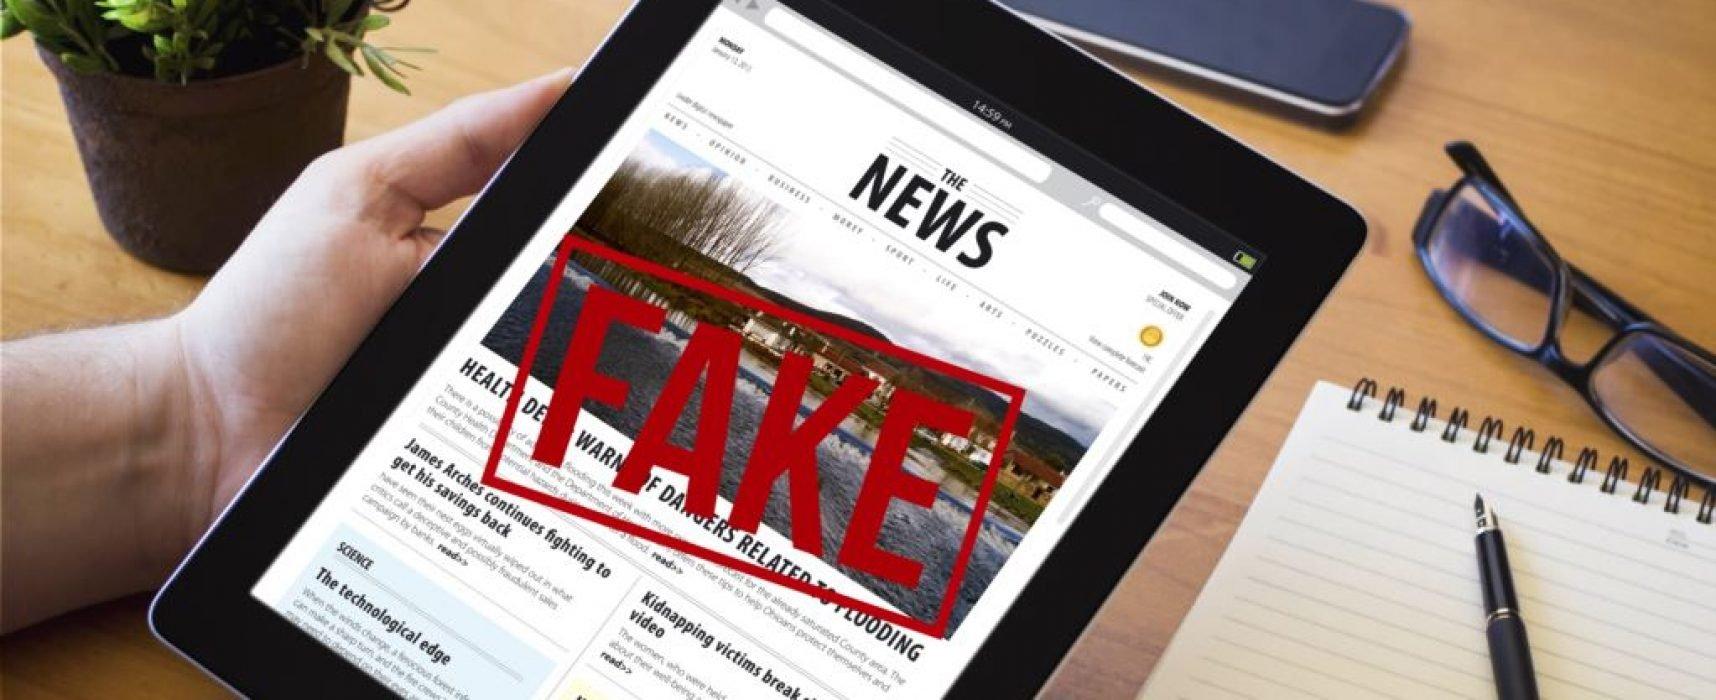 Камуфлаж за пропагандата: как медиите и социалните мрежи помагат на кремълската дезинформация